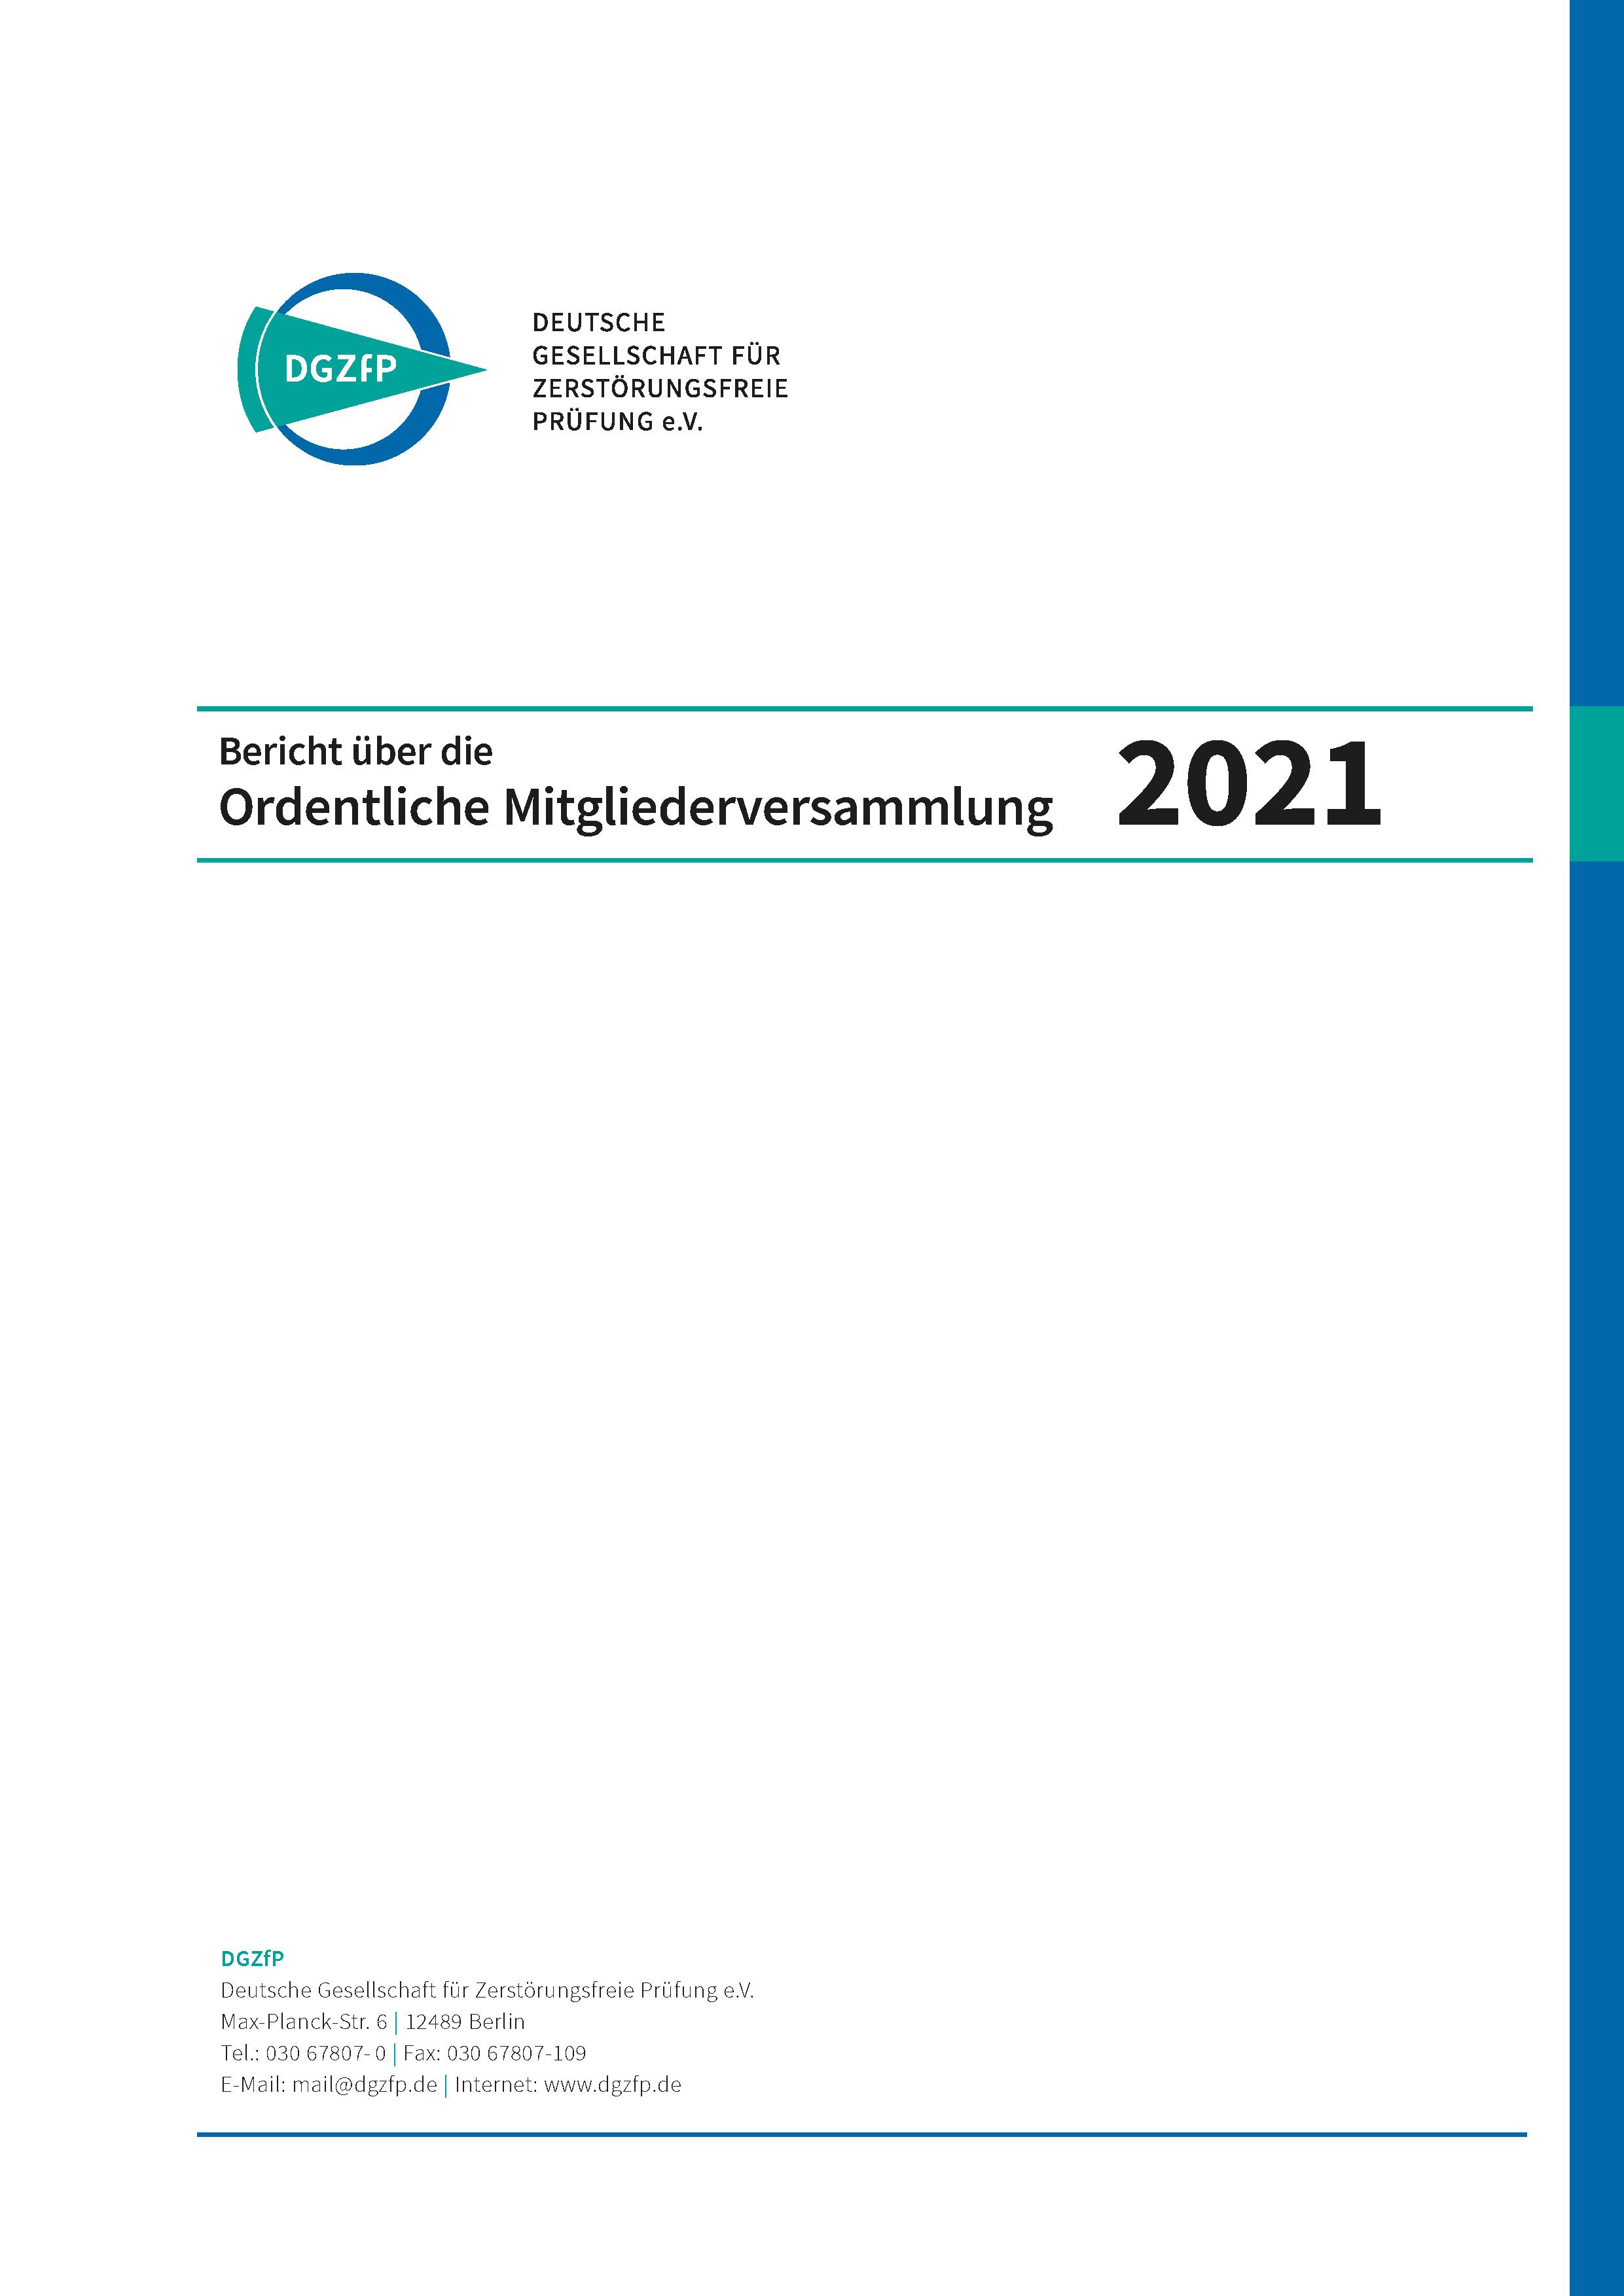 Deckblatt Bericht Mitgliederversammlung 2021